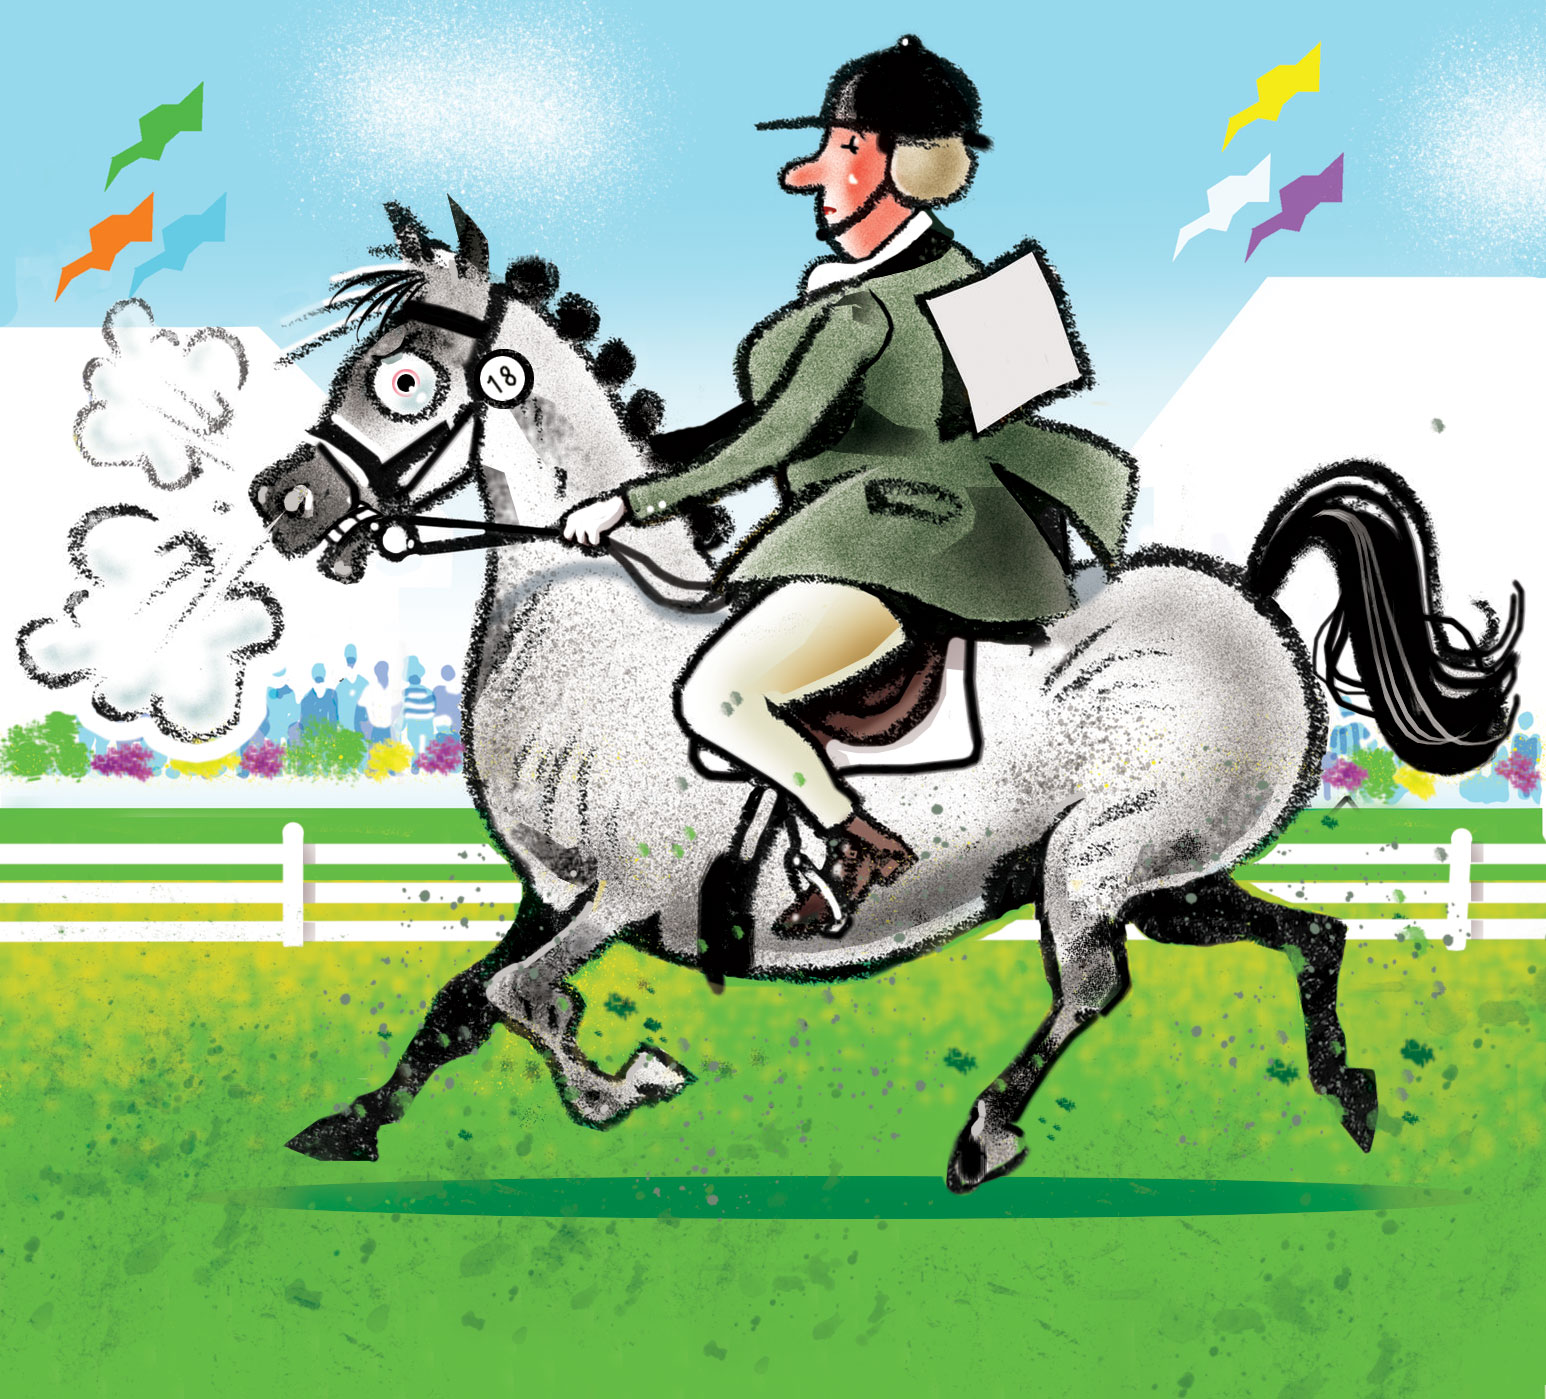 illustration of lady on horseback | handbuilt cartoon illustrations